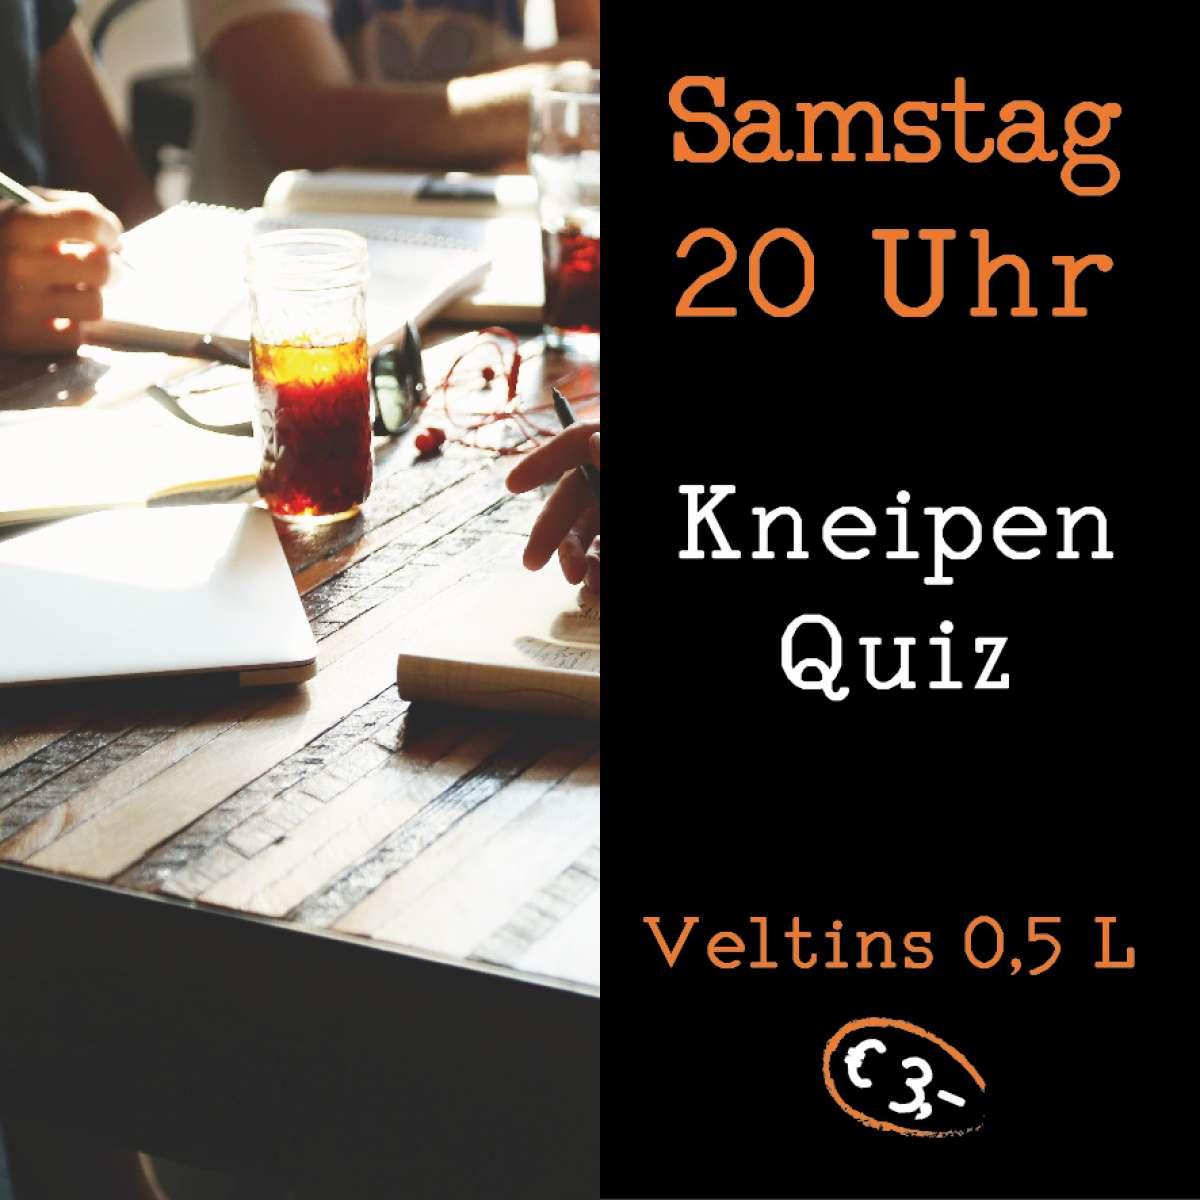 Kneipen-Quiz